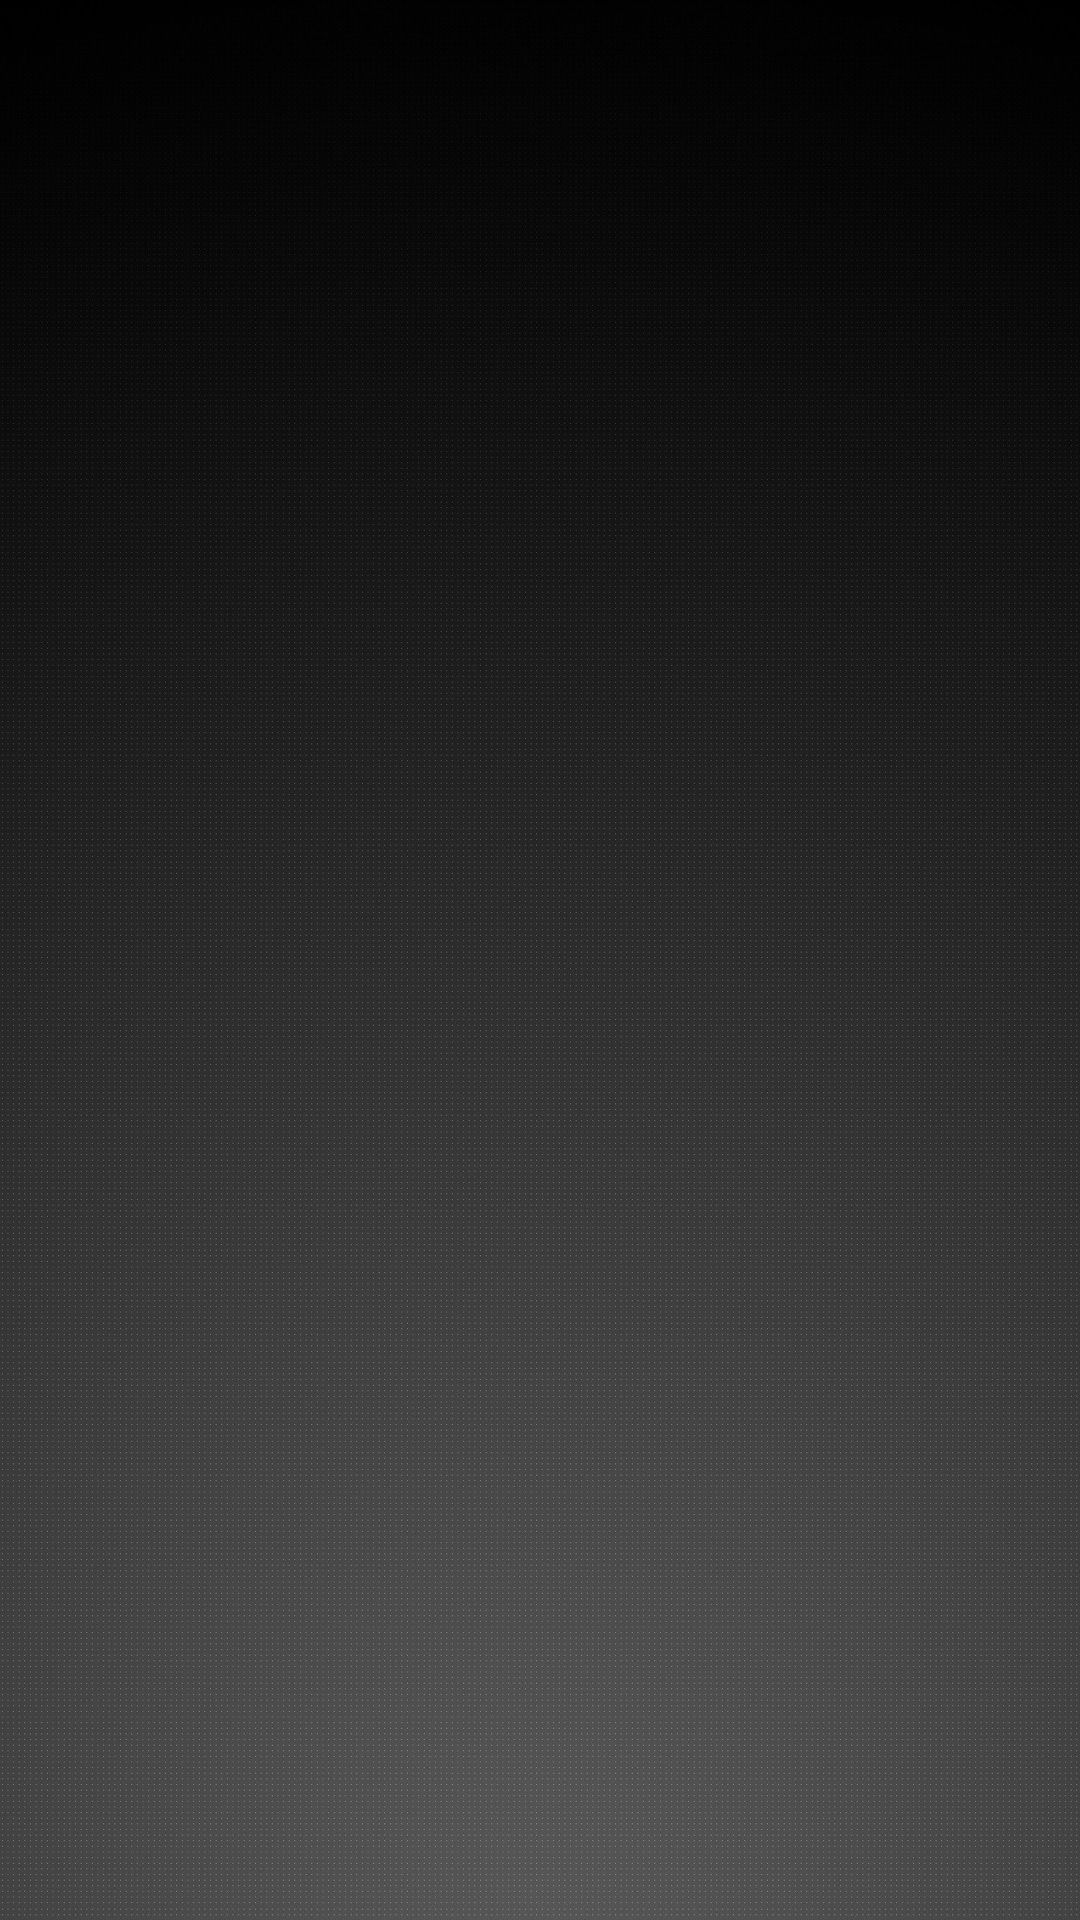 Iphone Wallpapers おしゃれまとめの人気アイデア Pinterest Sonohian 黒の壁紙 アップルの壁紙 黒の壁紙 Iphone